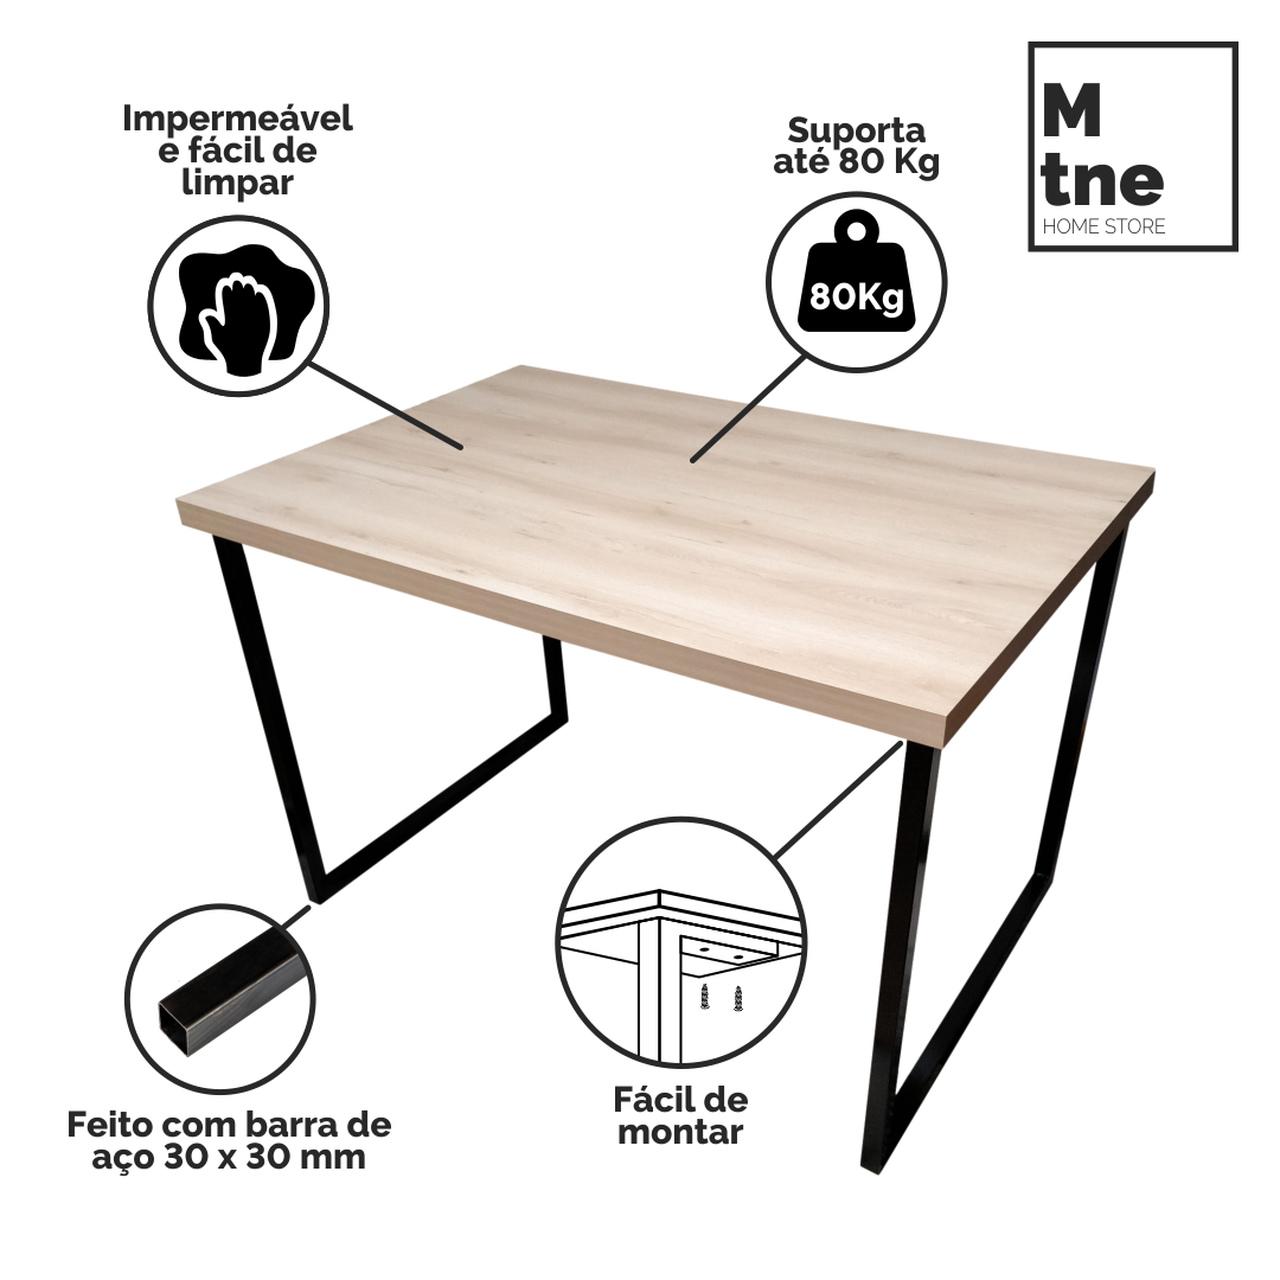 Mesa de Jantar Faia com Squared Legs e Tampo 100% MDF (Não acompanham cadeiras)  - Mtne Store